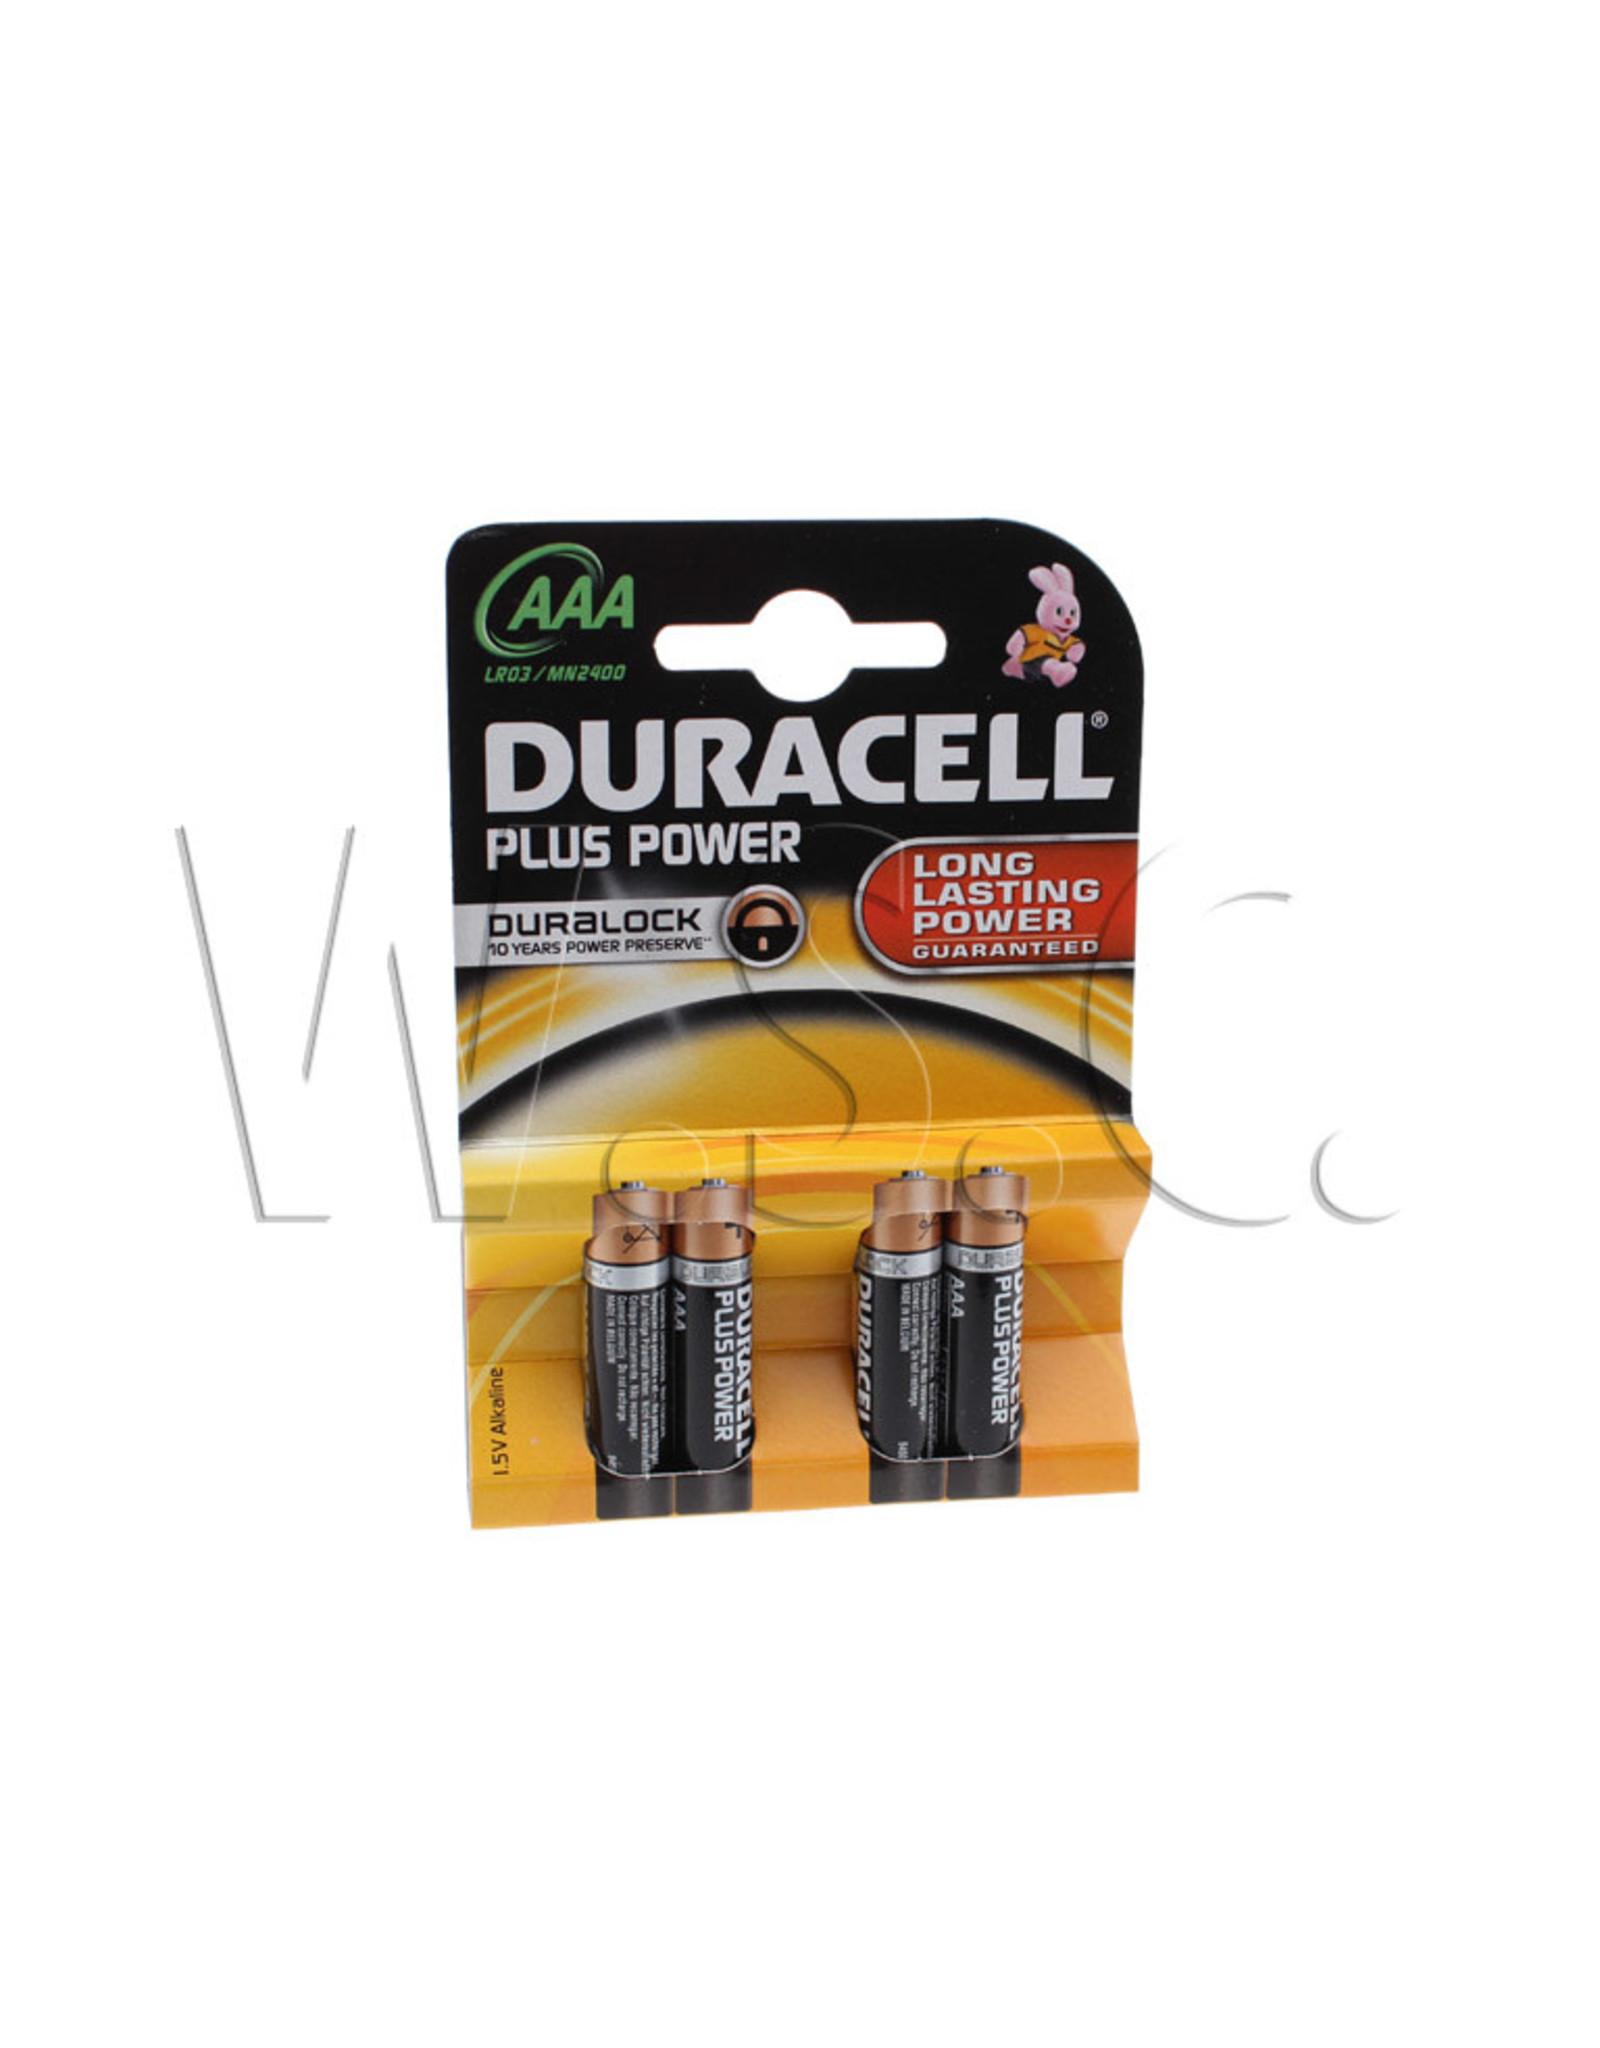 Duracell DURACELL BATT.  MN 2400-LR03 AAA